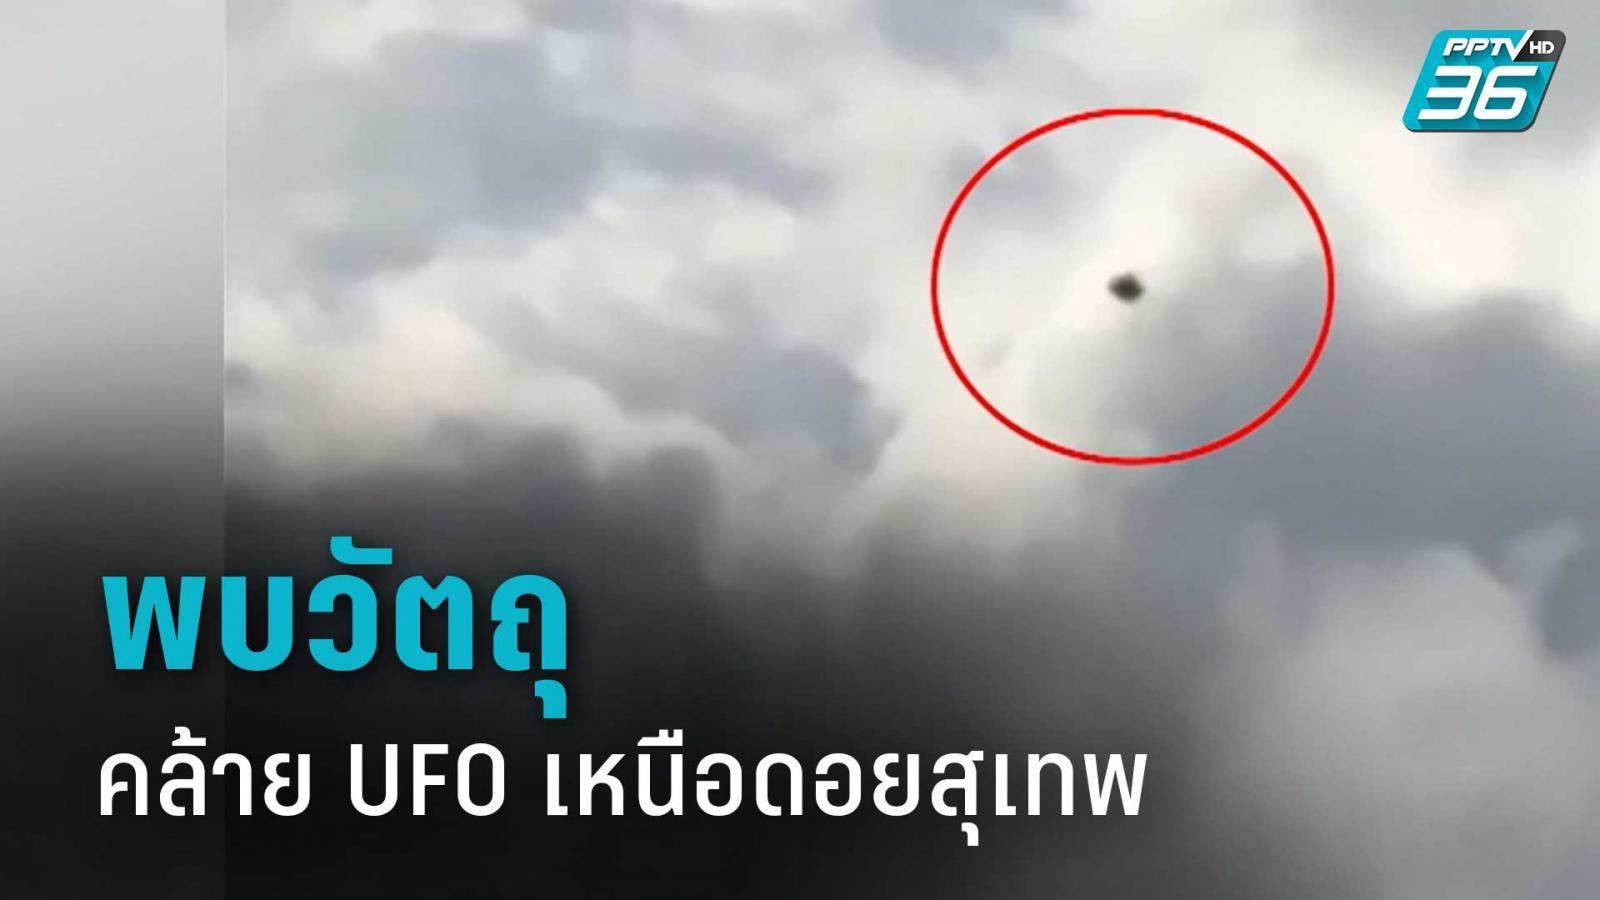 นศ.เชียงใหม่ถ่ายภาพคล้าย UFO เหนือดอยสุเทพ